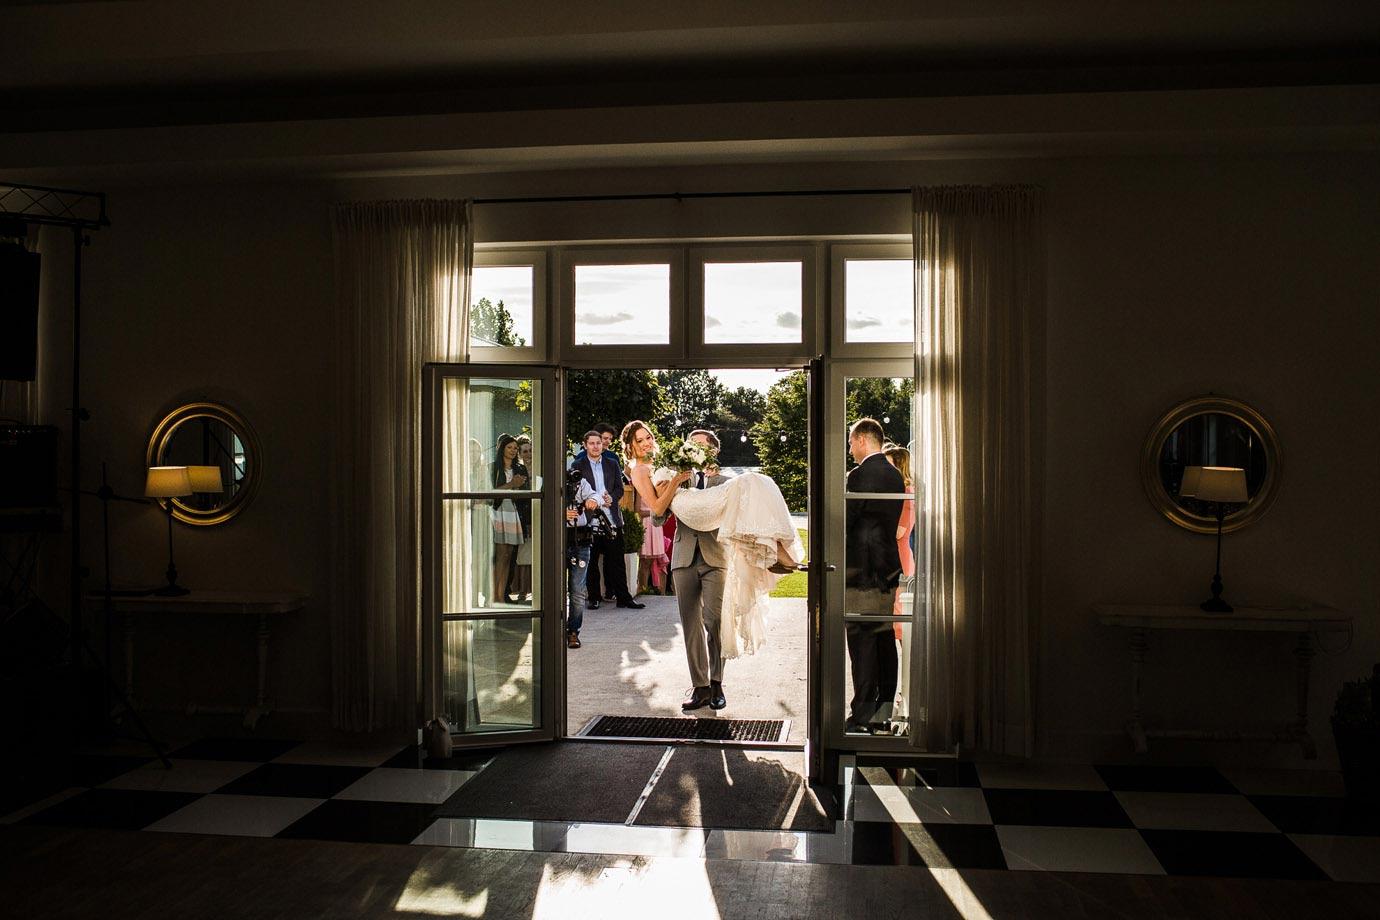 tradycje weselne w polsce